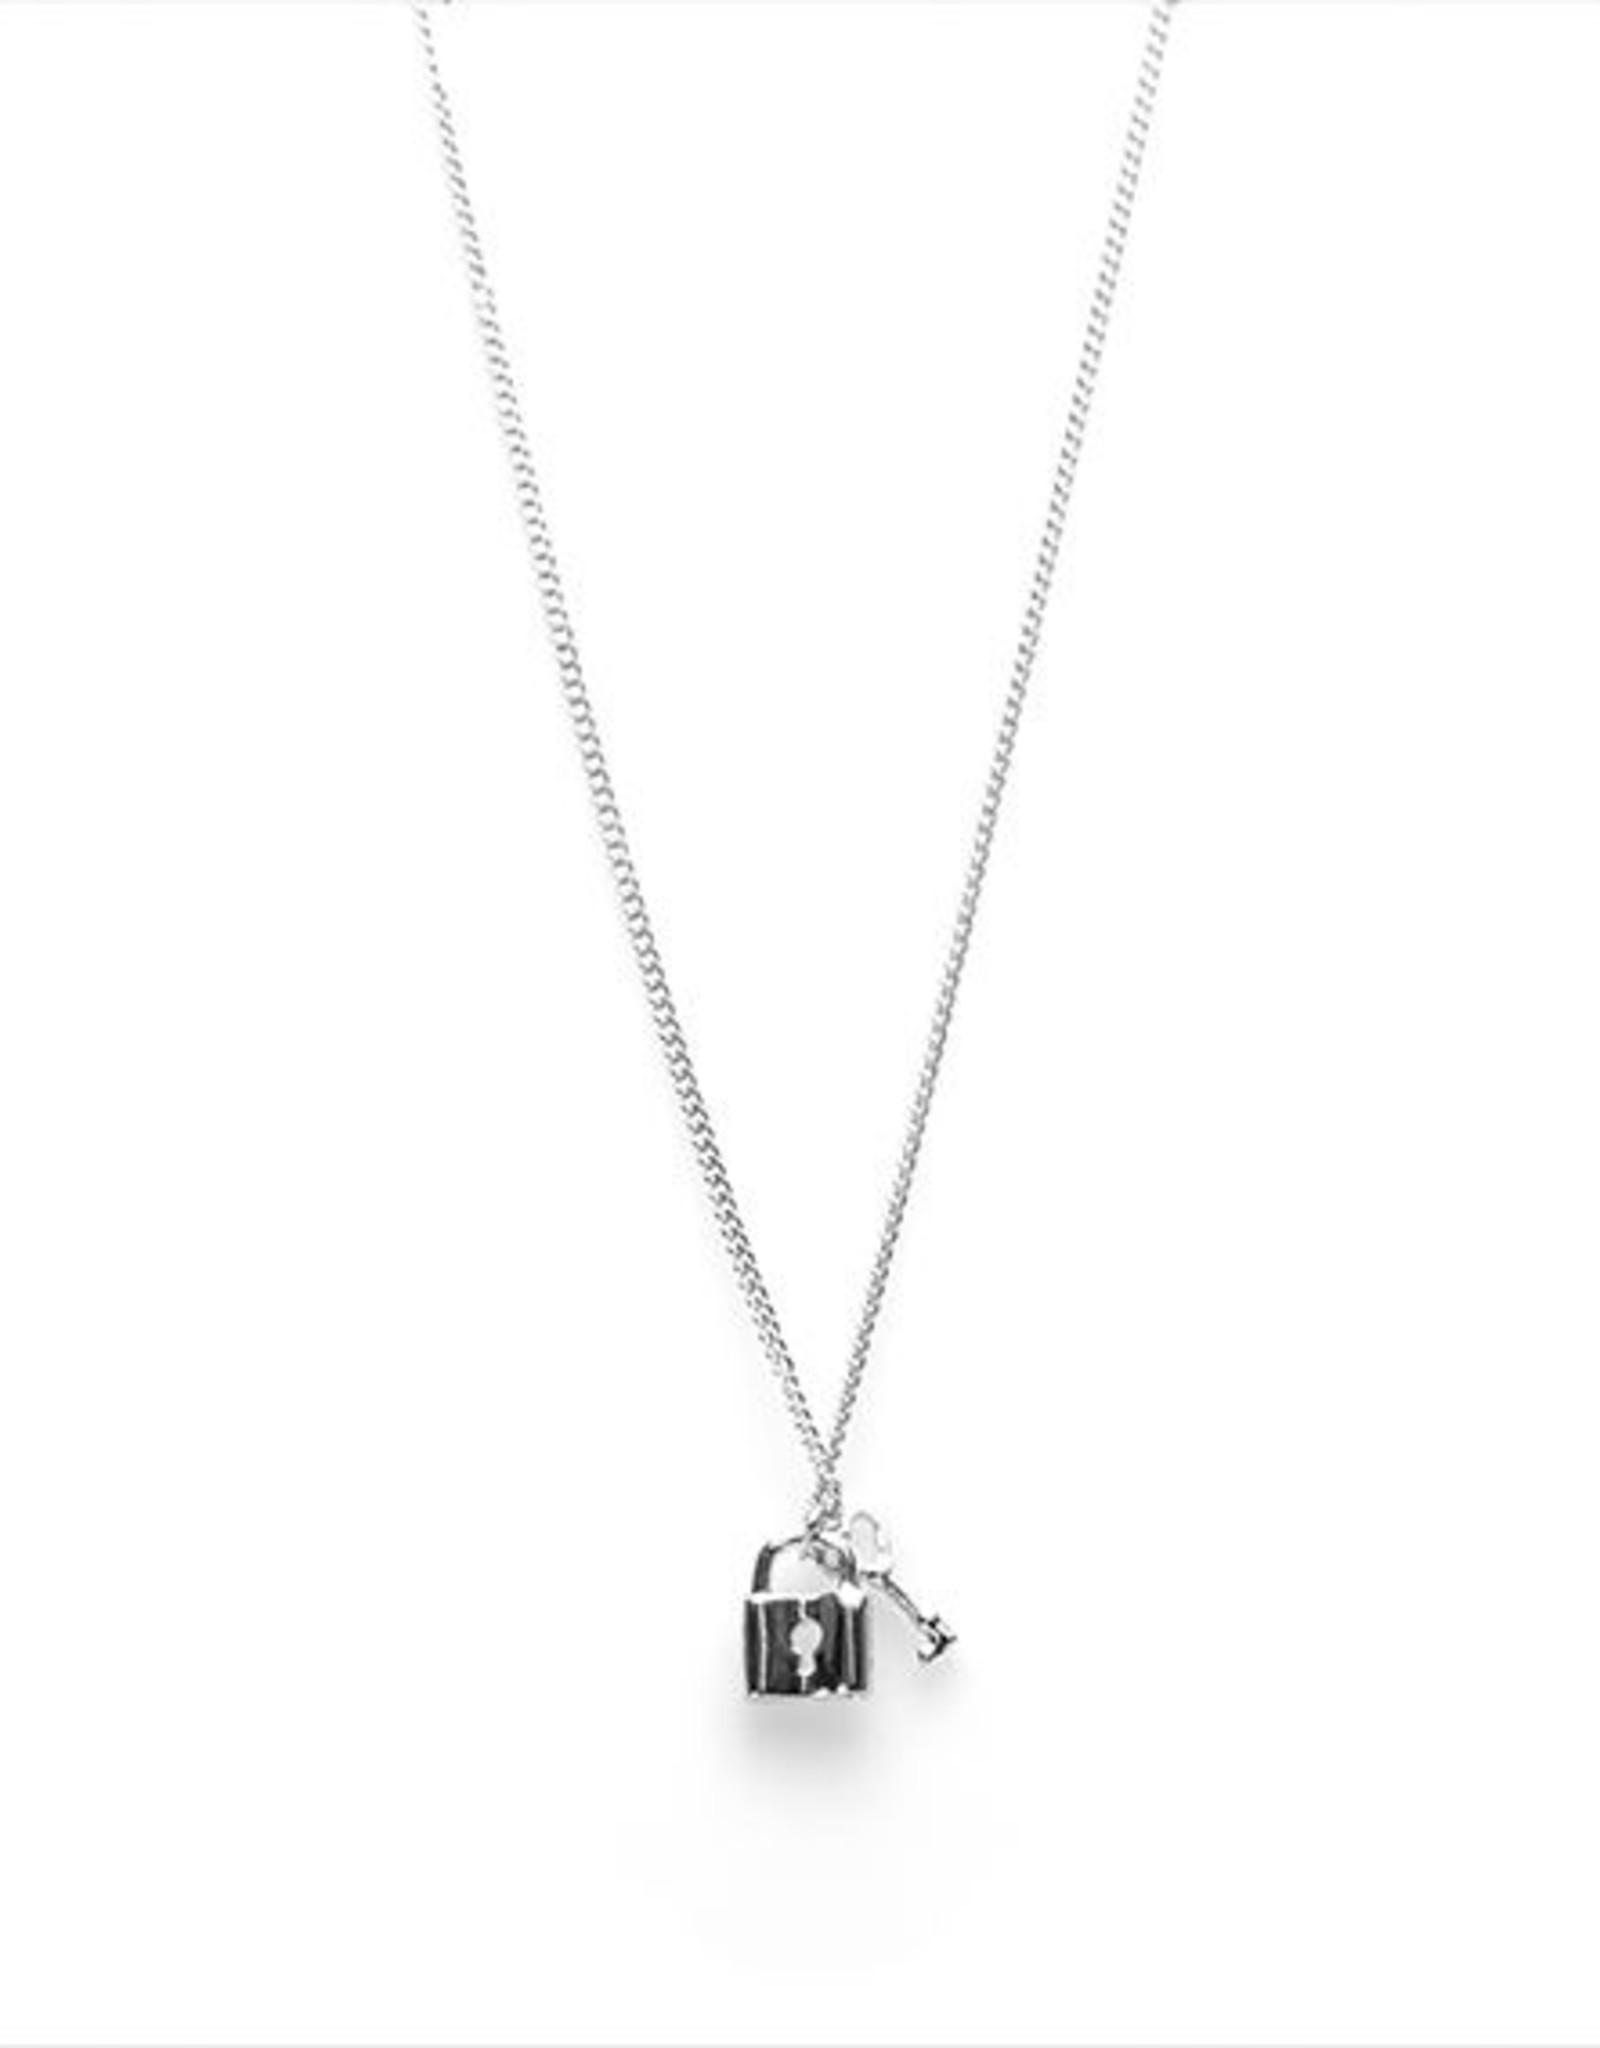 Karma Necklace Key Lock Silver